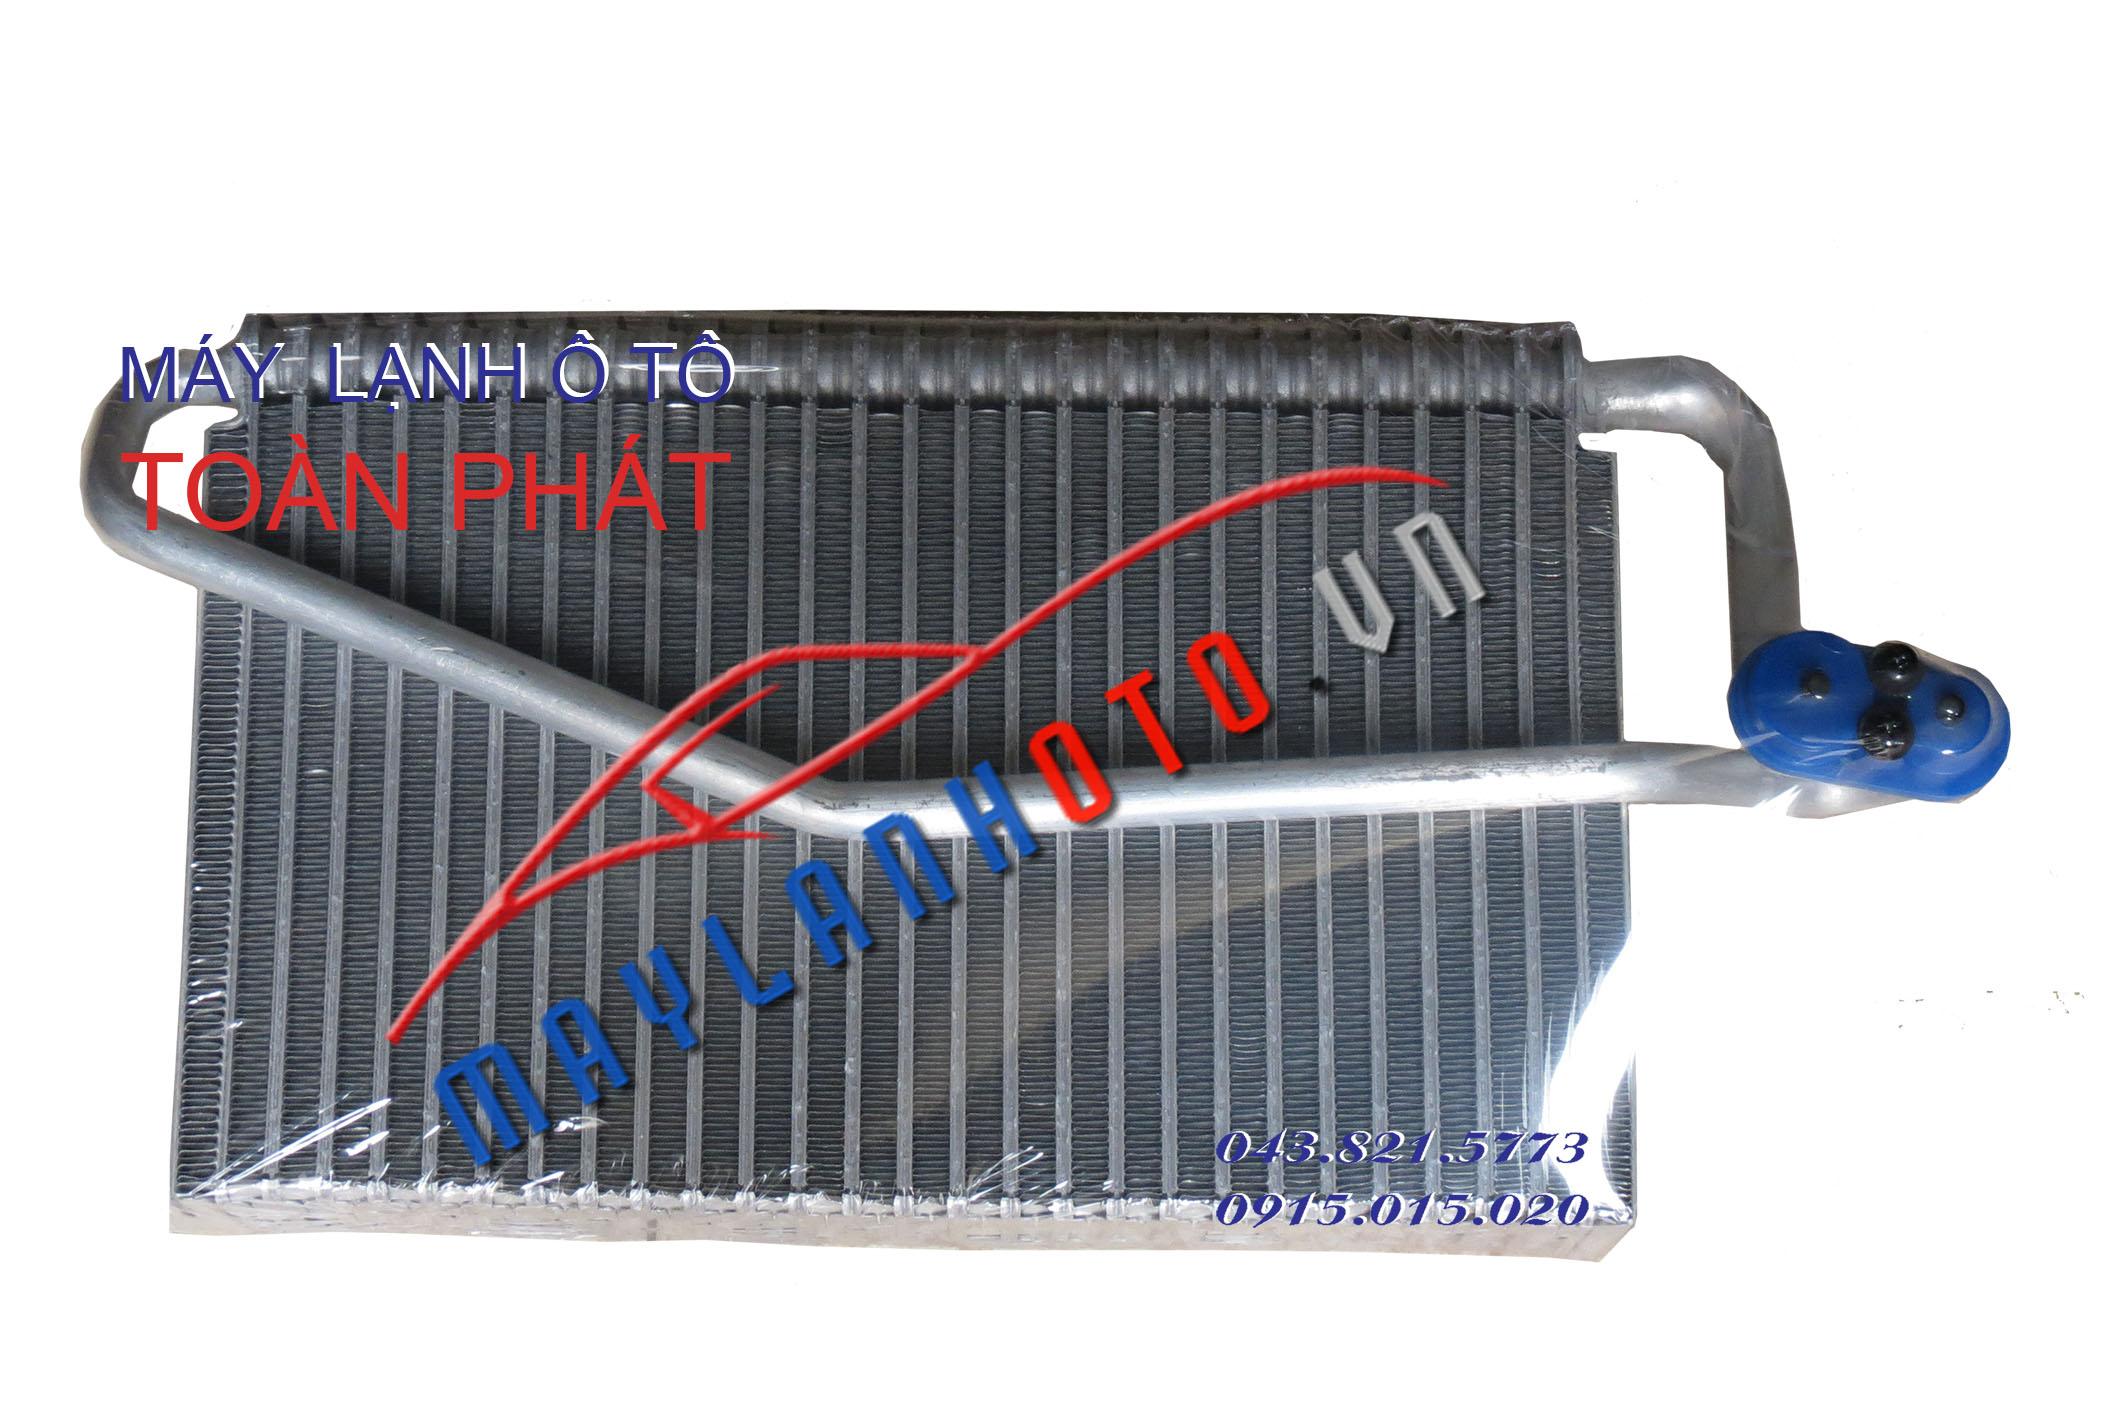 C180 / Giàn lạnh điều hòa Mercedes C180